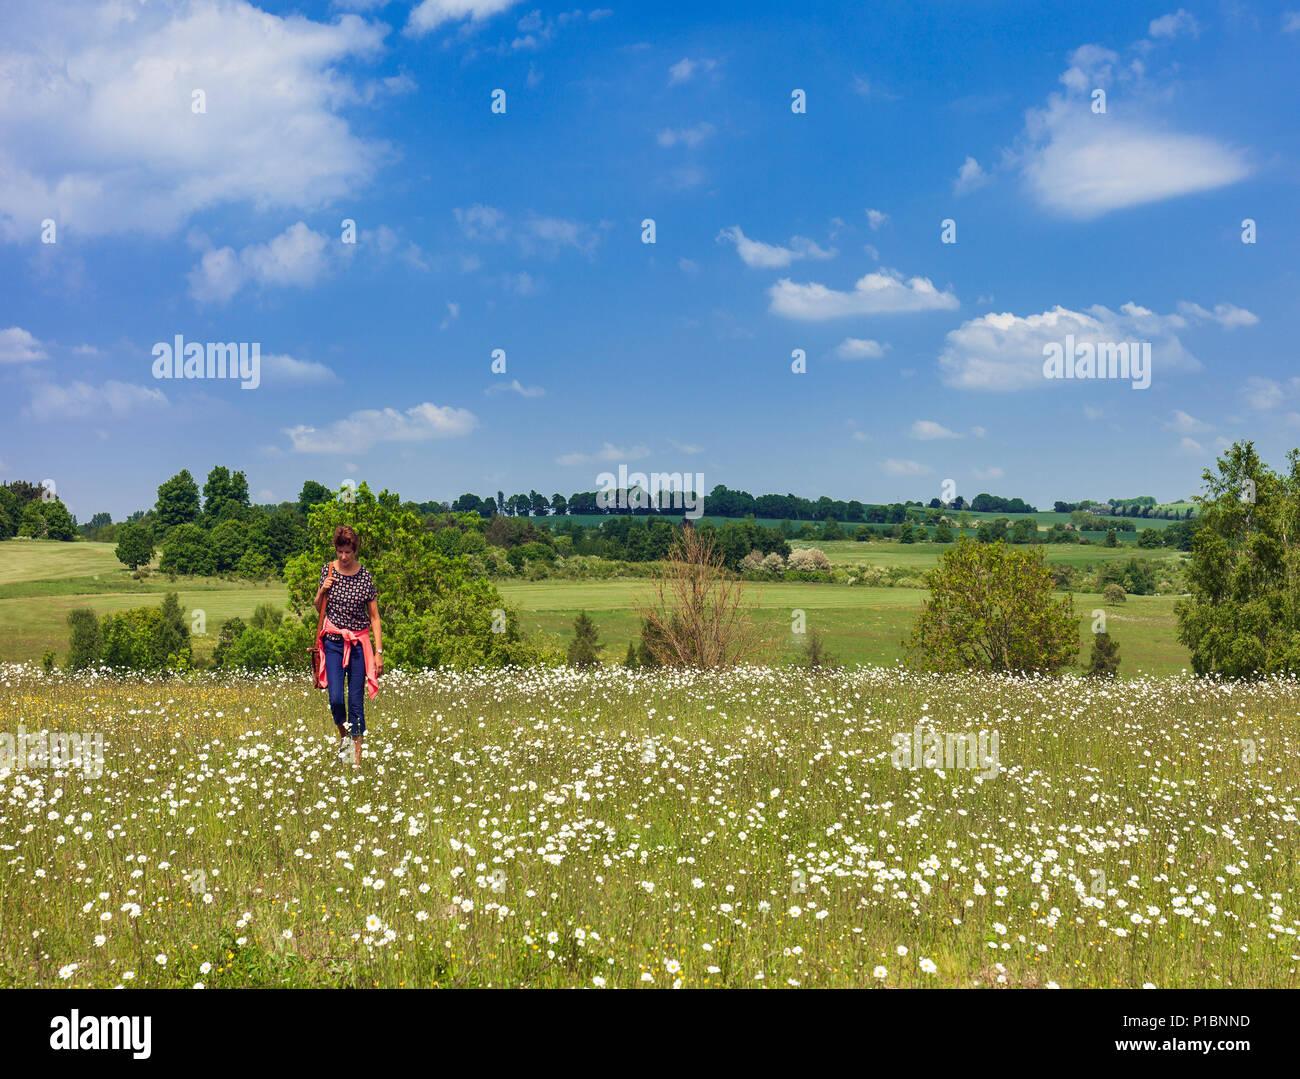 Woman walking through a wild flower meadow, Lullingstone, Kent, UK. Stock Photo